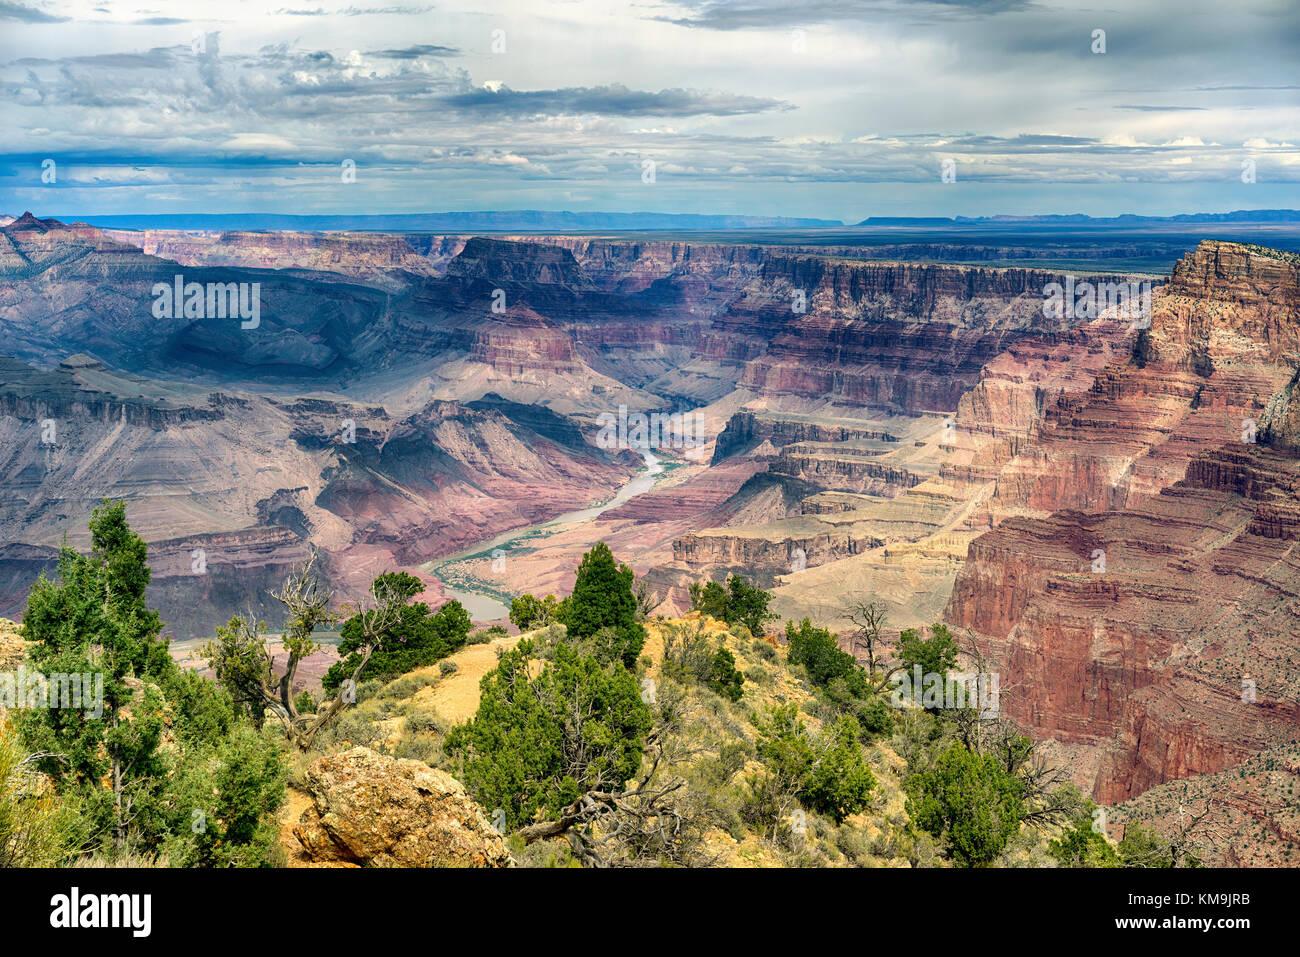 Parco nazionale del Grand Canyon arizona vista del paesaggio con fiume Colorado in distanza. fasce stratificate Foto Stock